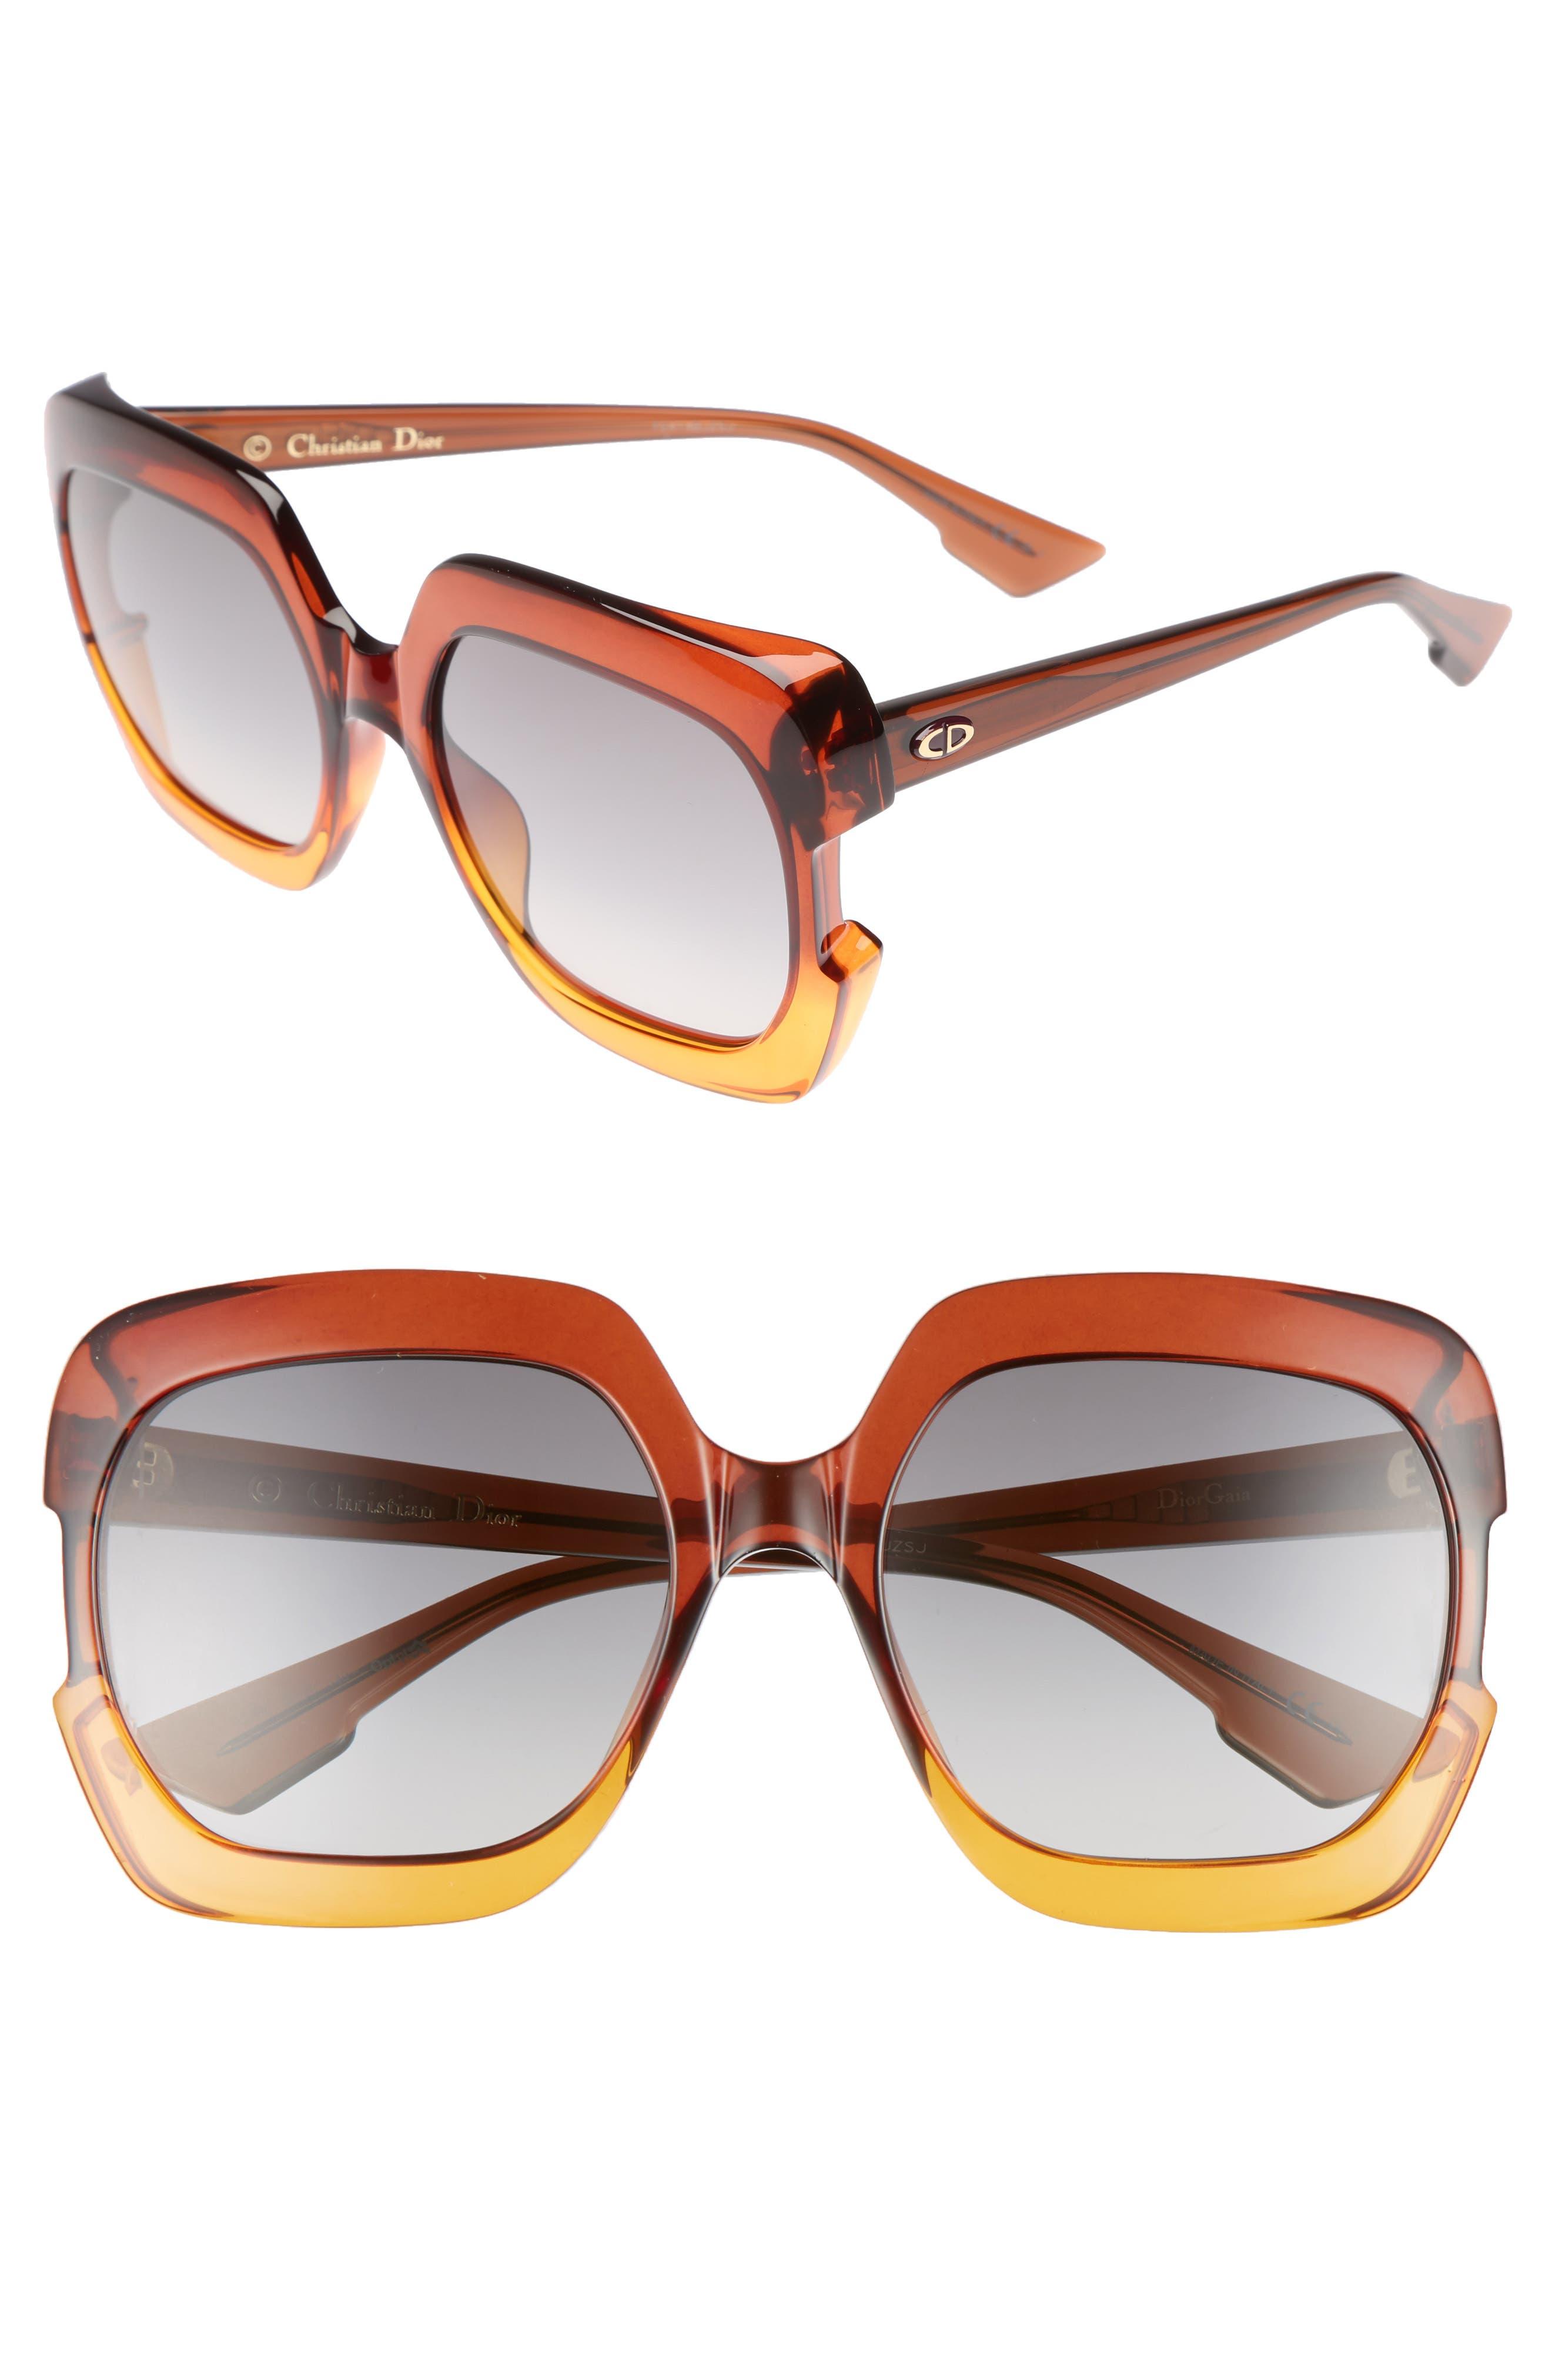 Gaia 58mm Square Sunglasses,                         Main,                         color, Brown/ Orange